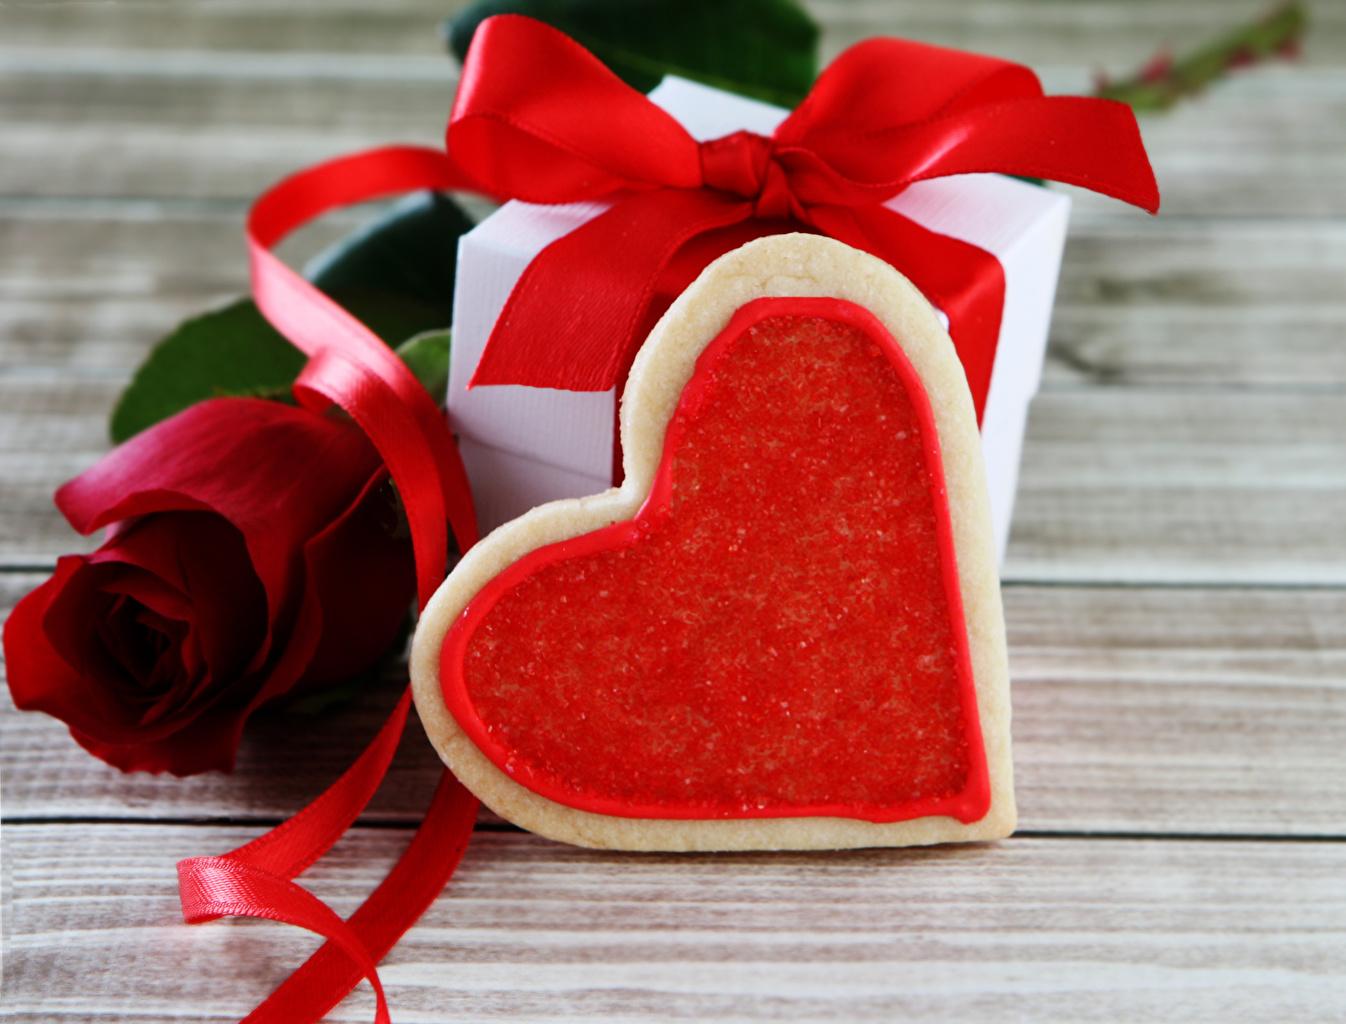 Фотографии День святого Валентина Сердце Розы Красный Цветы подарок Еда Лента Печенье Доски День всех влюблённых серце сердца сердечко роза красных красная красные цветок Подарки подарков Пища ленточка Продукты питания